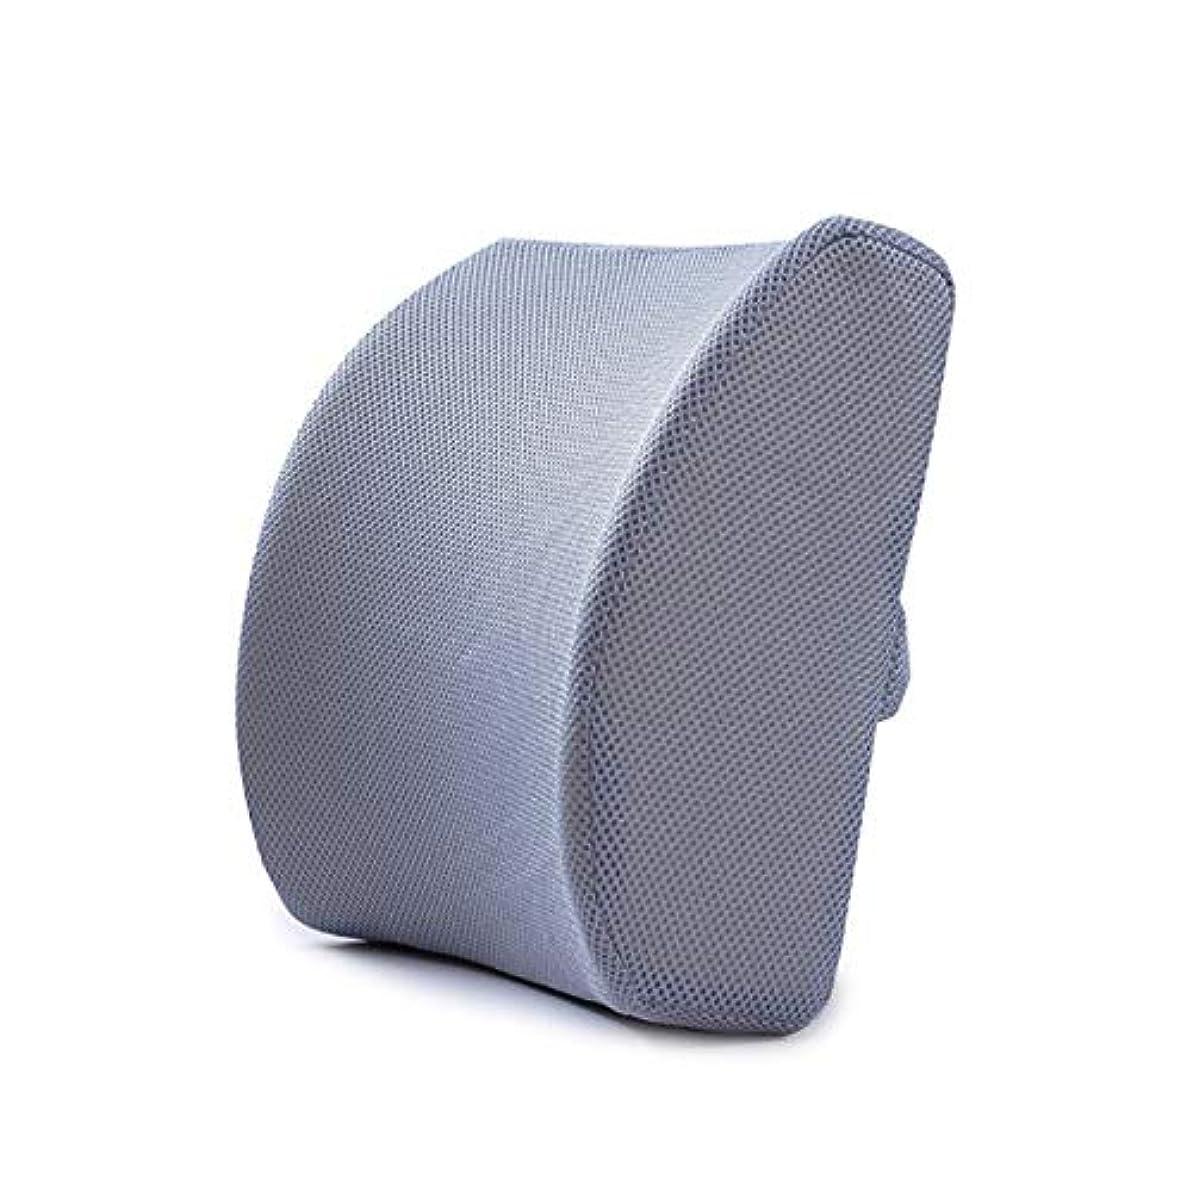 監査パキスタン社員LIFE ホームオフィス背もたれ椅子腰椎クッションカーシートネック枕 3D 低反発サポートバックマッサージウエストレスリビング枕 クッション 椅子